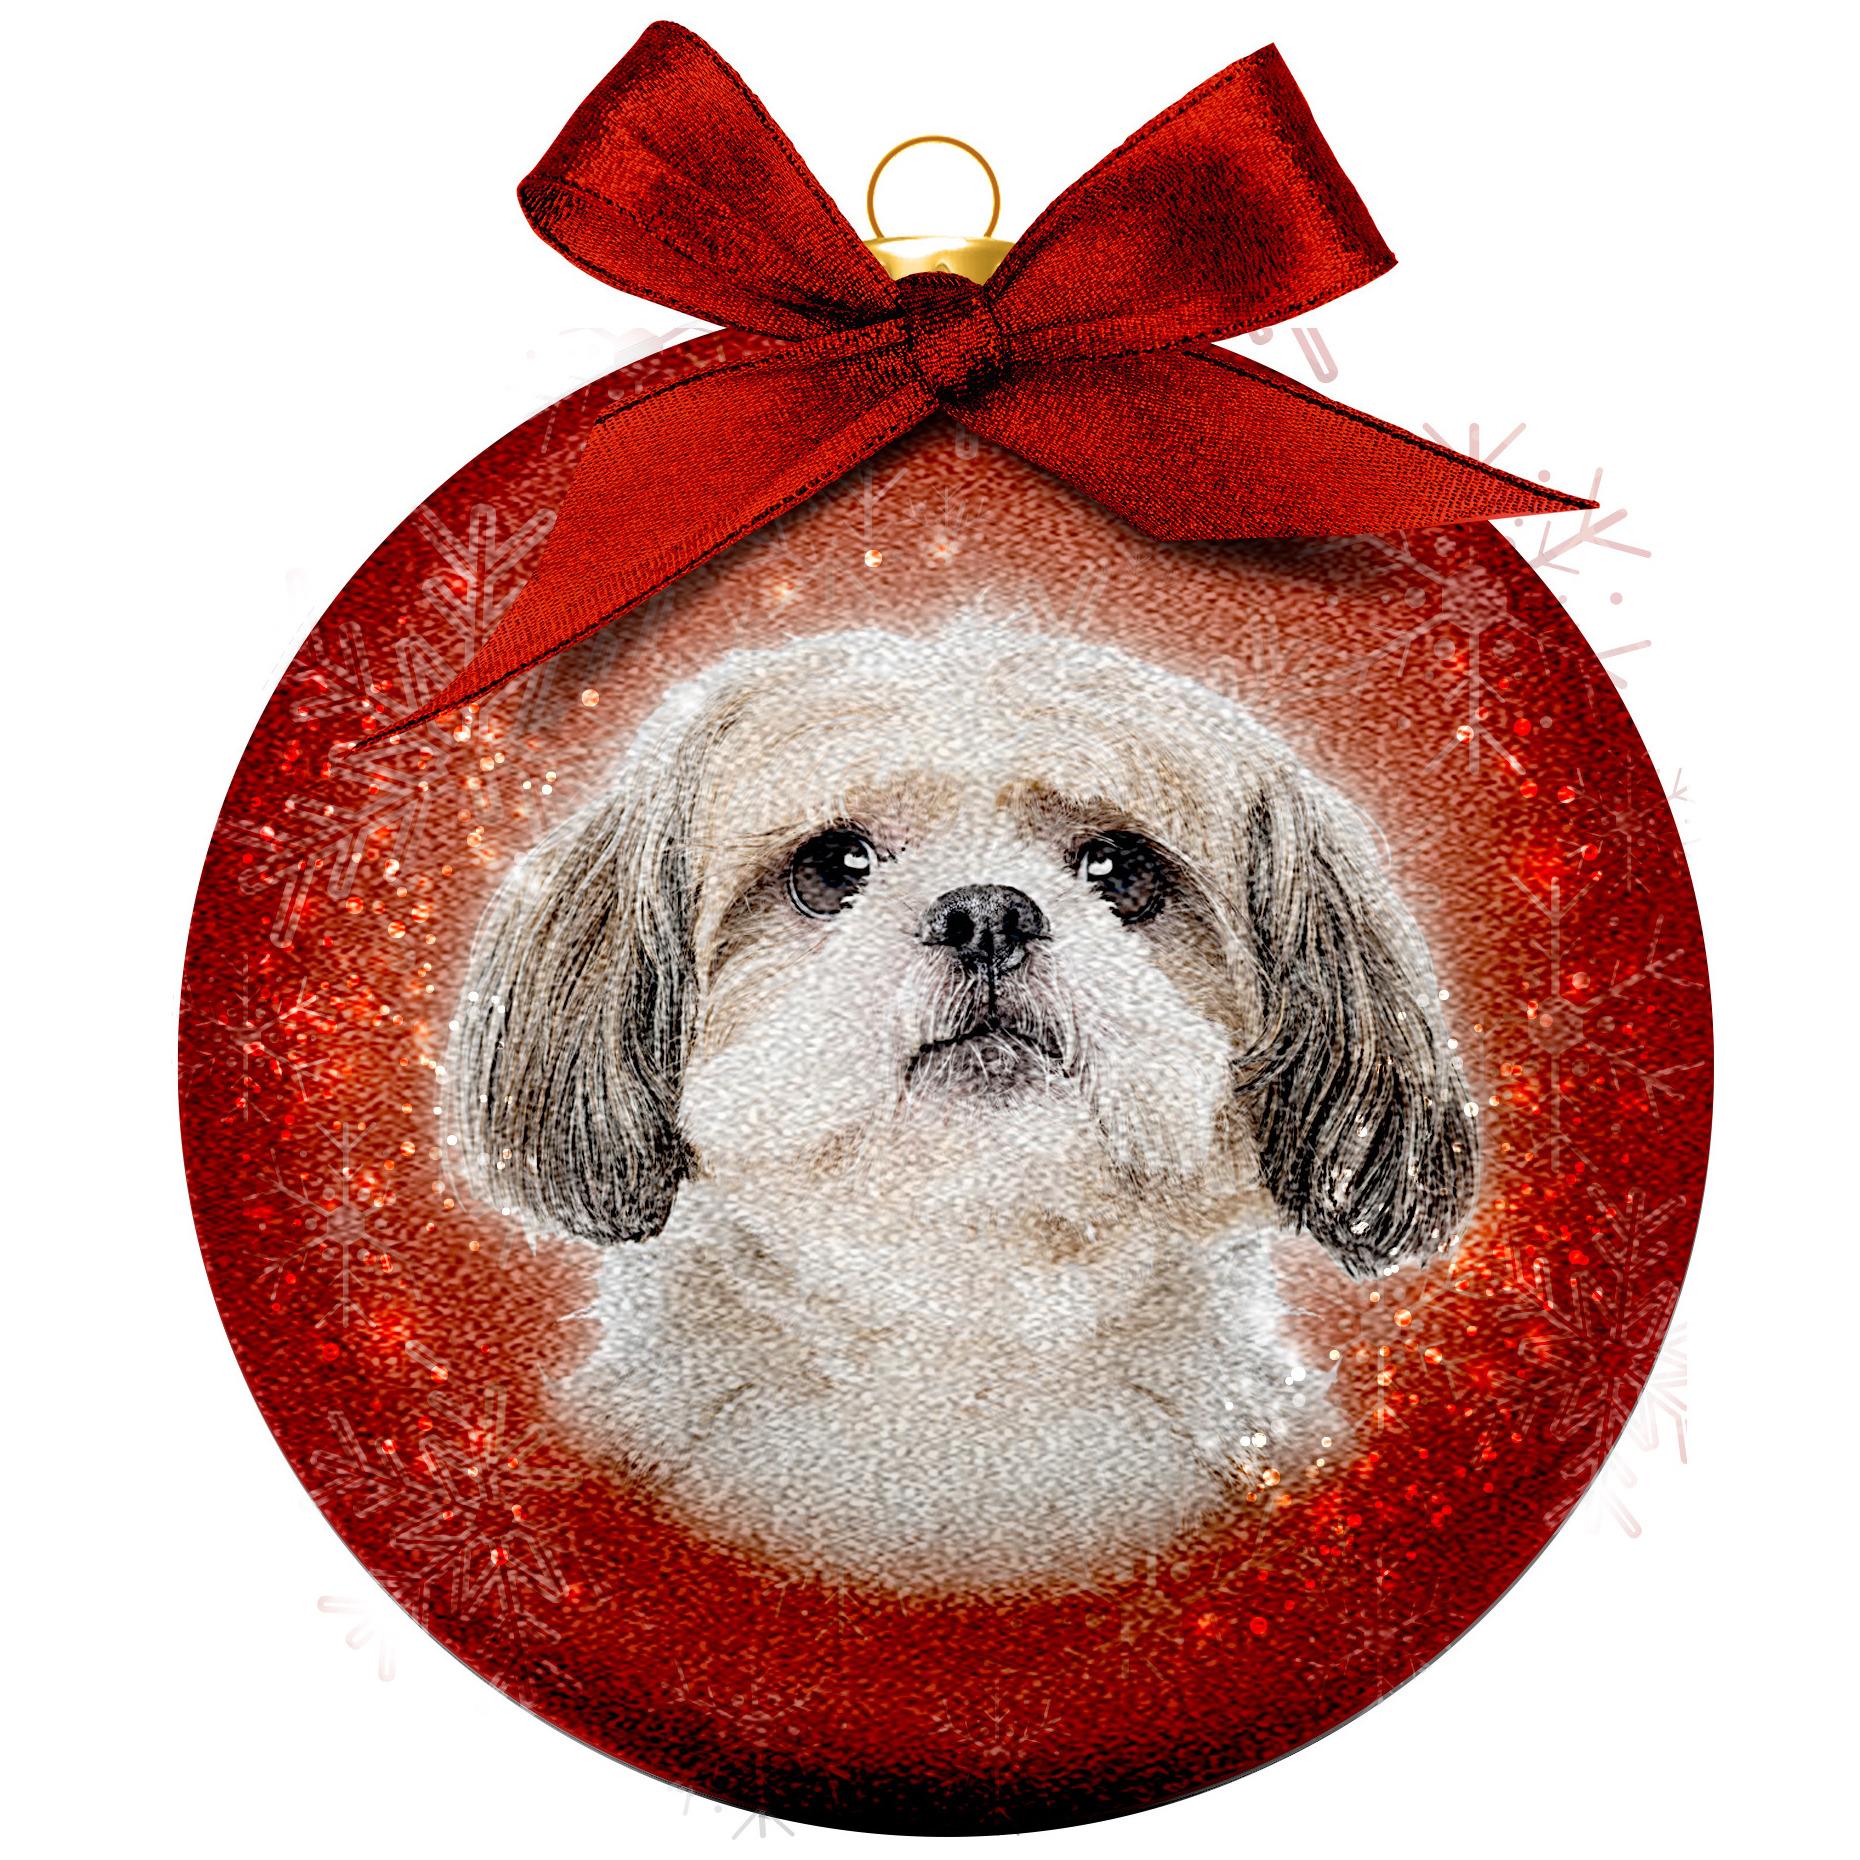 1x Huisdieren kerstballen met Shih Tzu hondje 8 cm